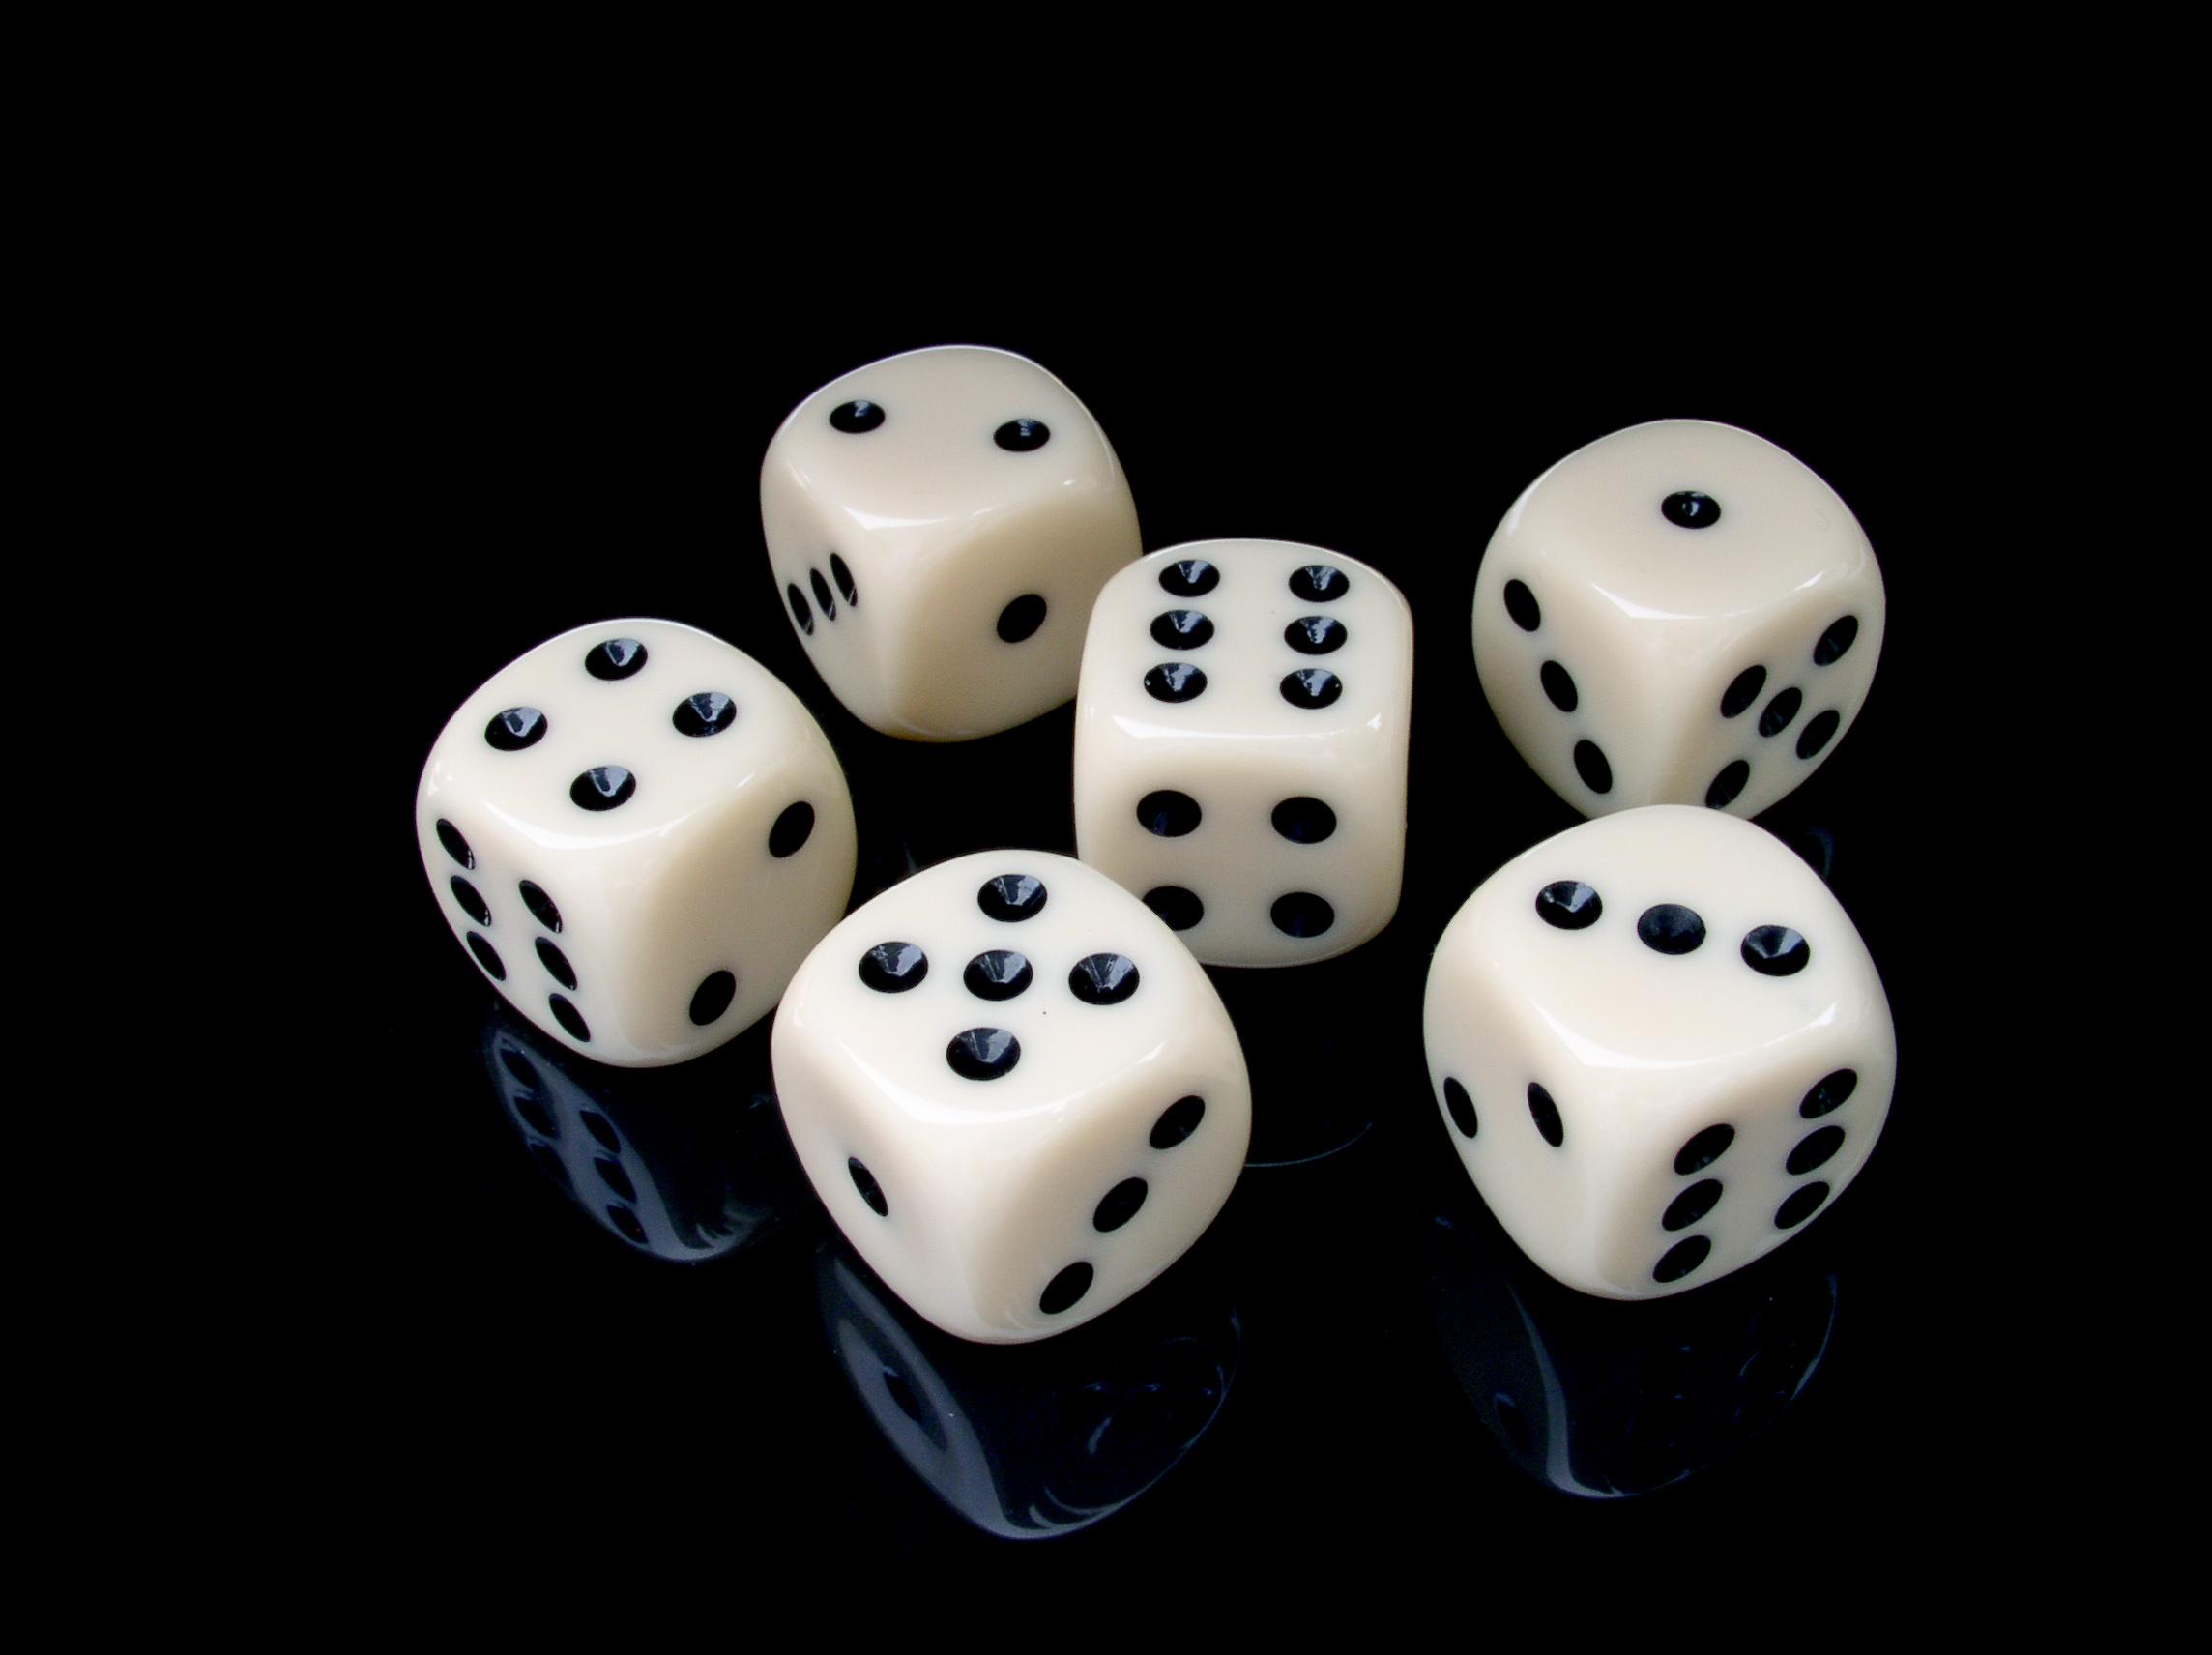 картинки кубиков для игры в кости индии китае зеленая